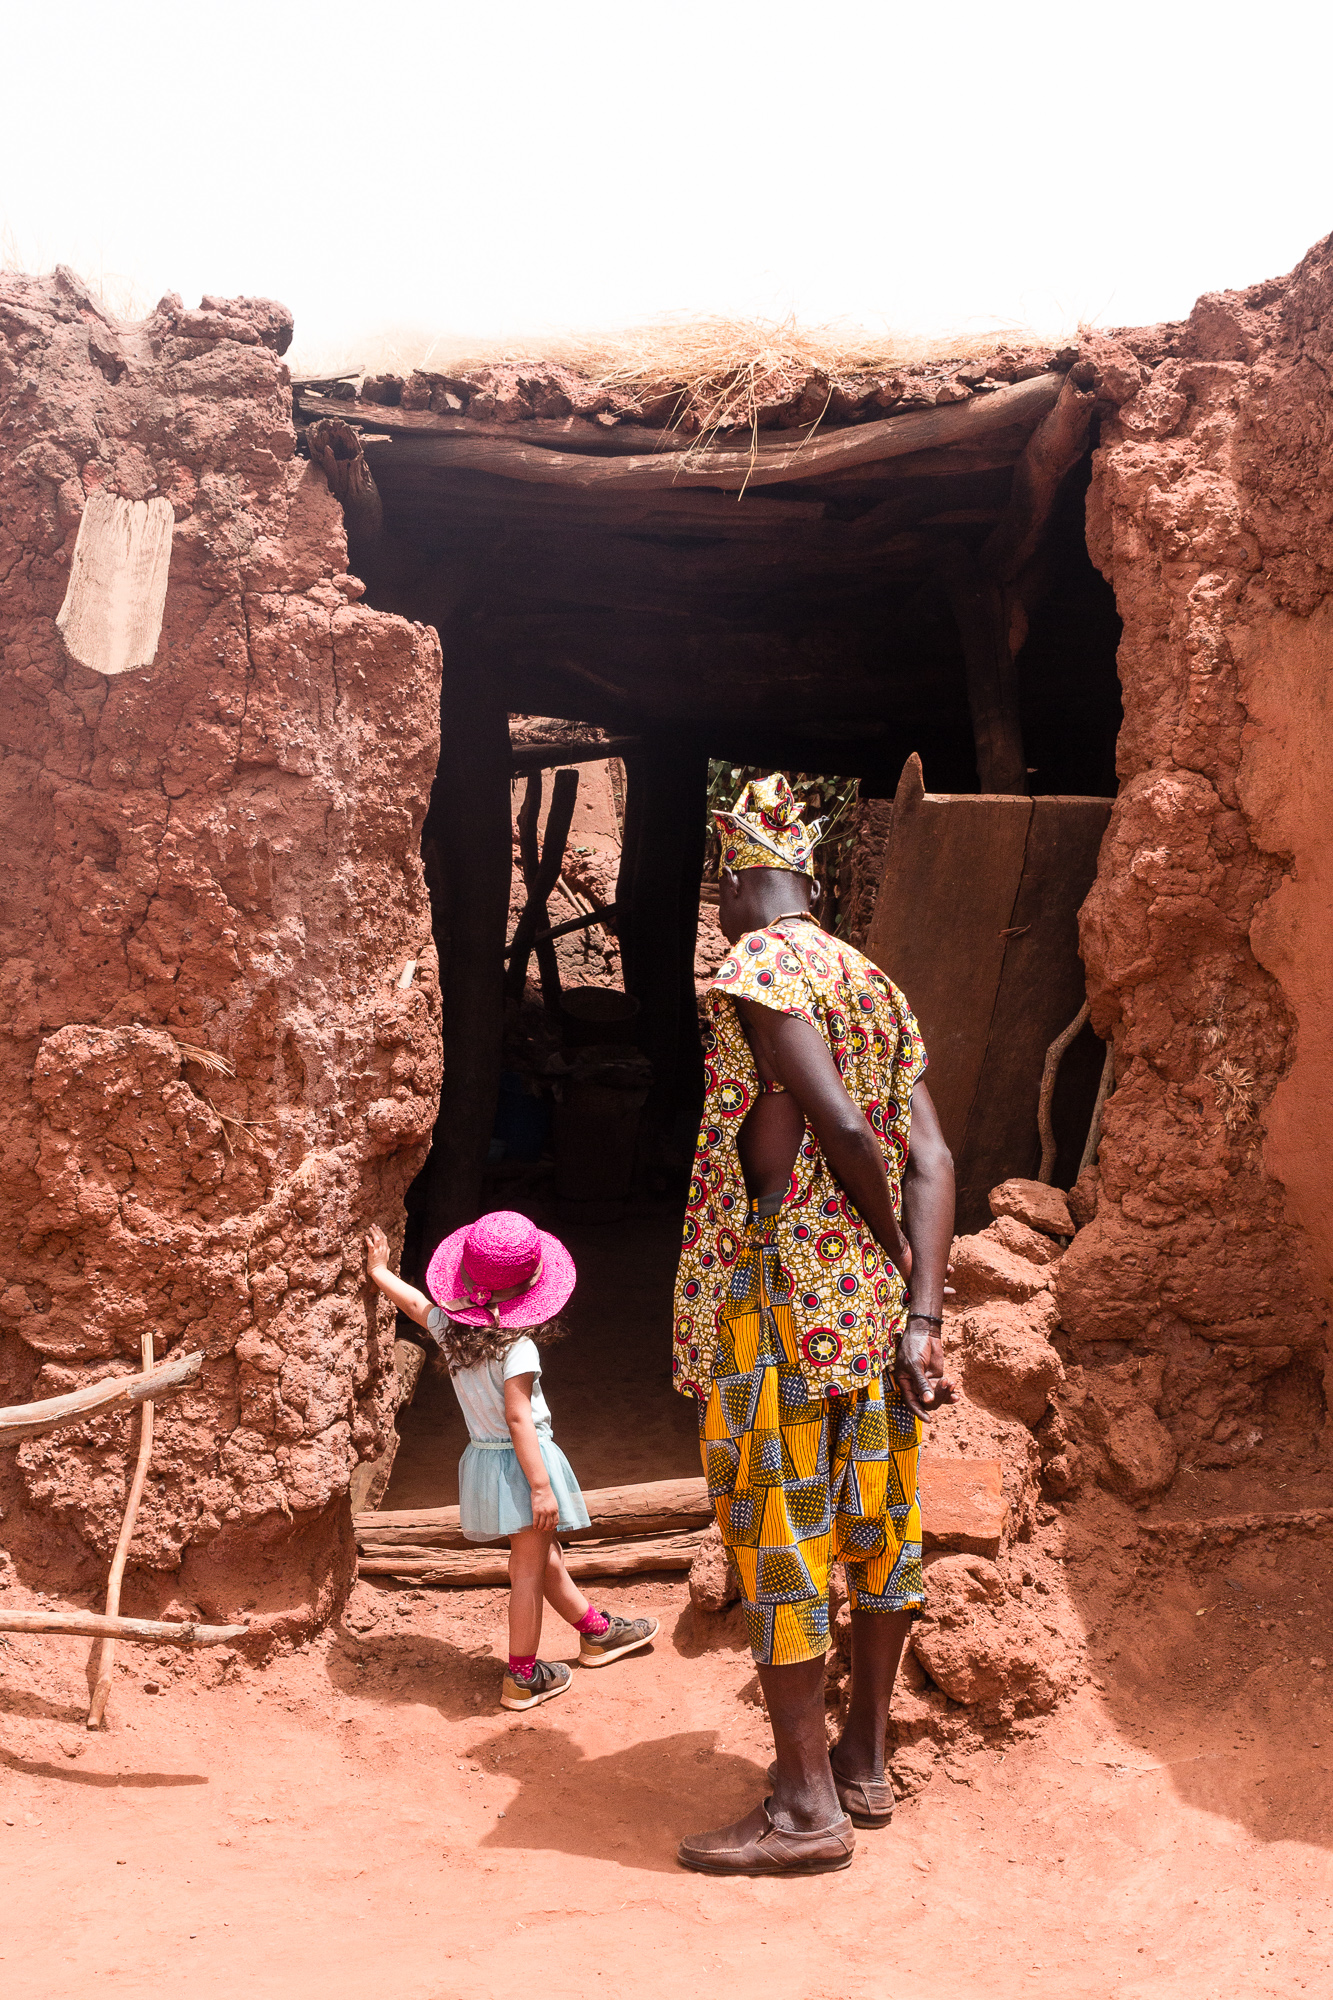 Fillette et habitant de Koumi regardant l'entrée d'une case, village traditionnel Bobo de Koumi, Burkina Faso